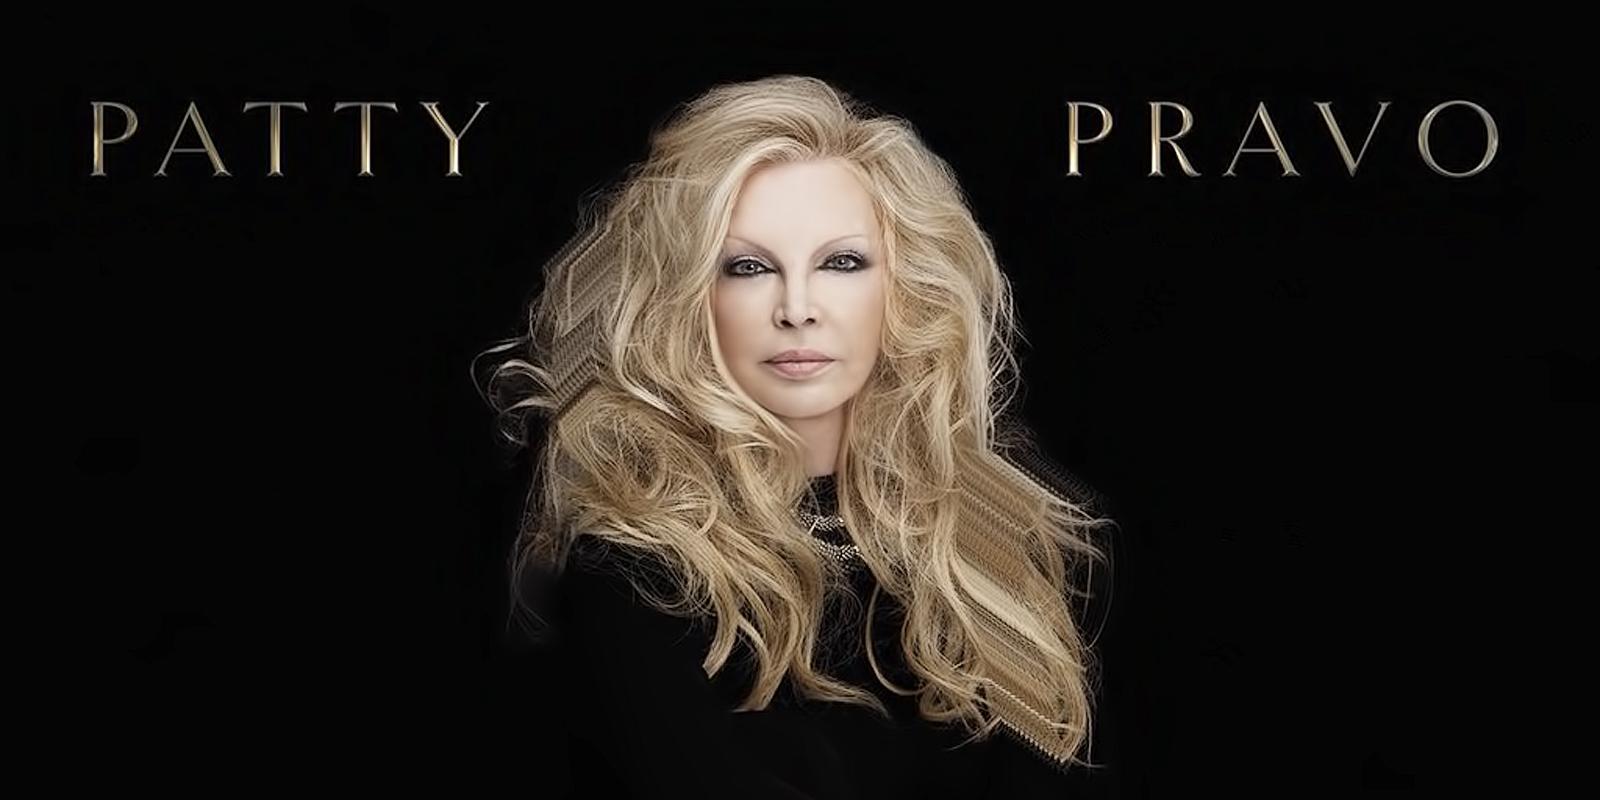 """Musica: """"Cieli immensi"""" di Patty Pravo è già una cover, la interpreta Davide Papasidero"""